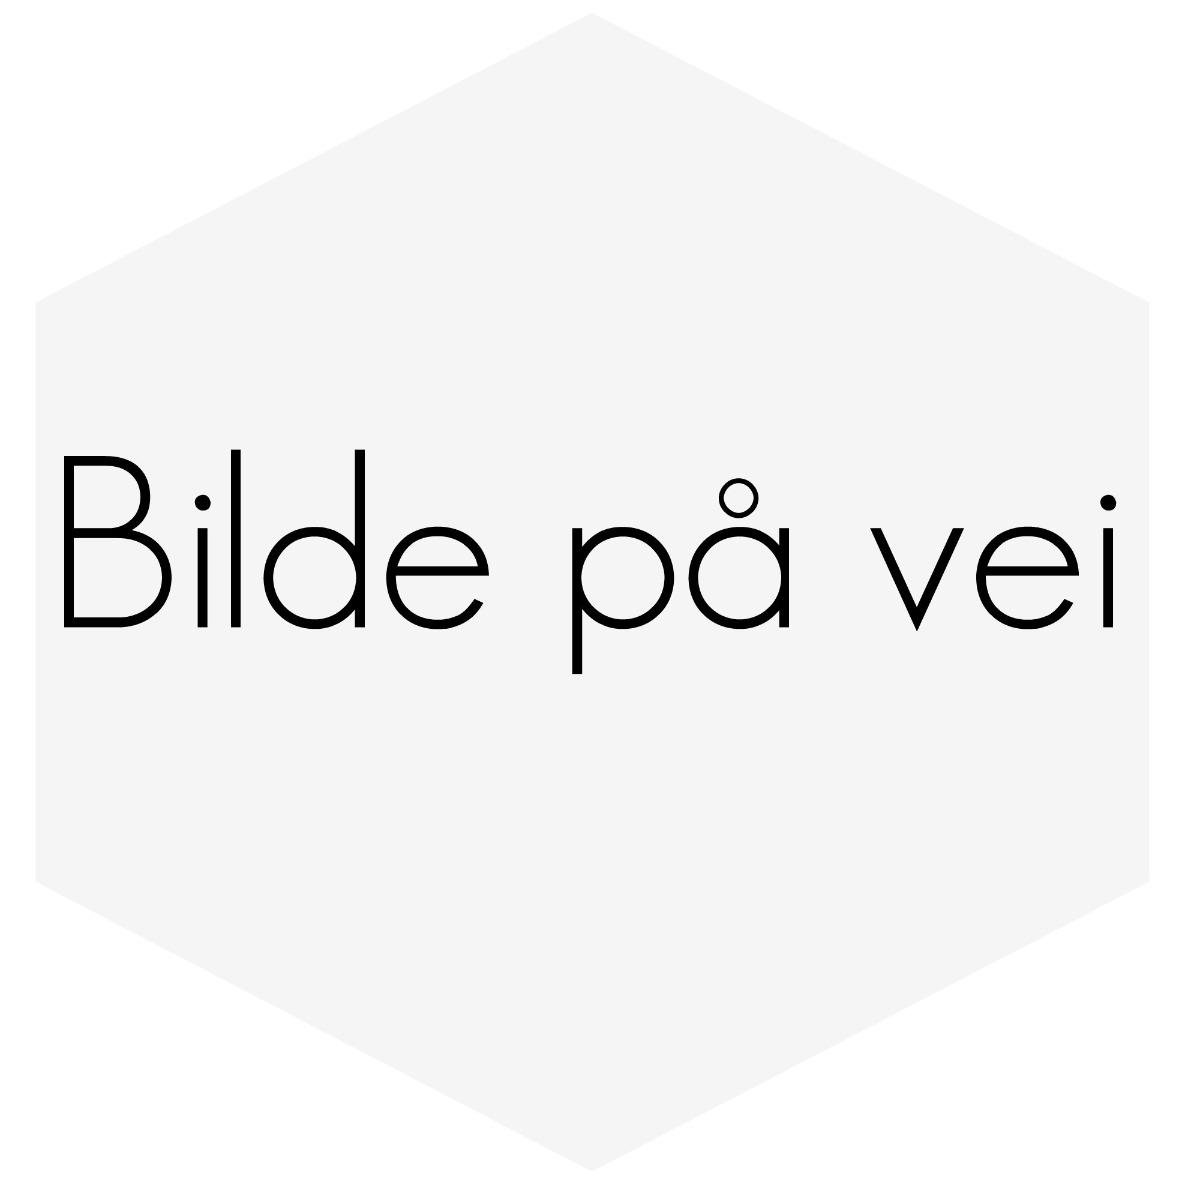 PAKNING TIL OLJEPÅFYLLINGSLOKK SPESIAL IPD TYPE FOR VOLVO